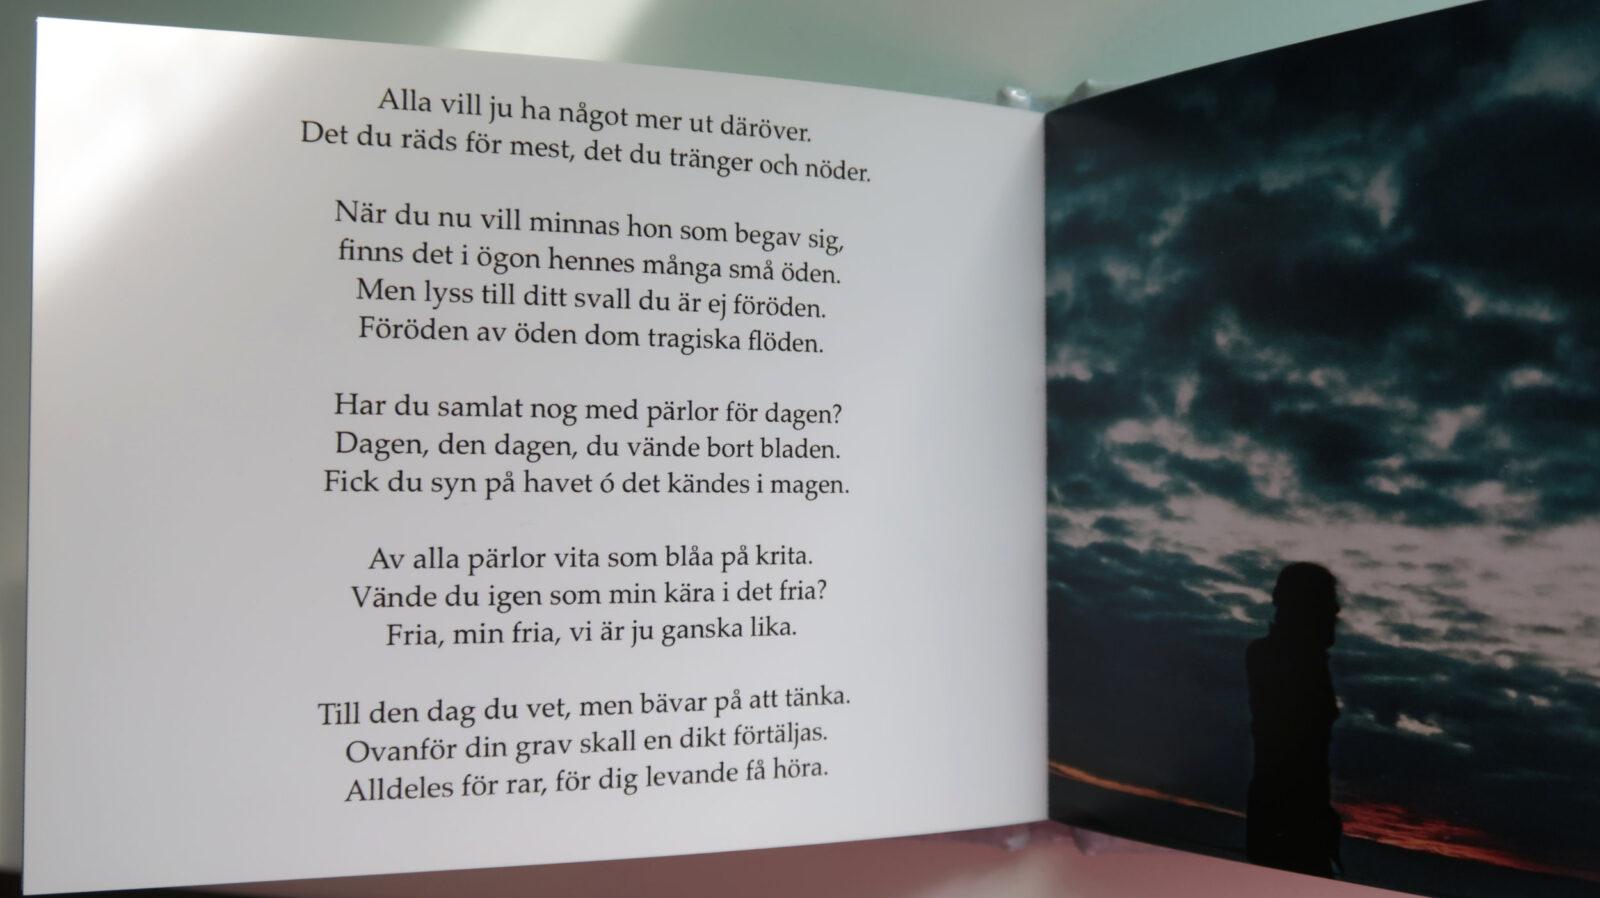 Min Kära I Det Fria, av Sanjin Đumišić.